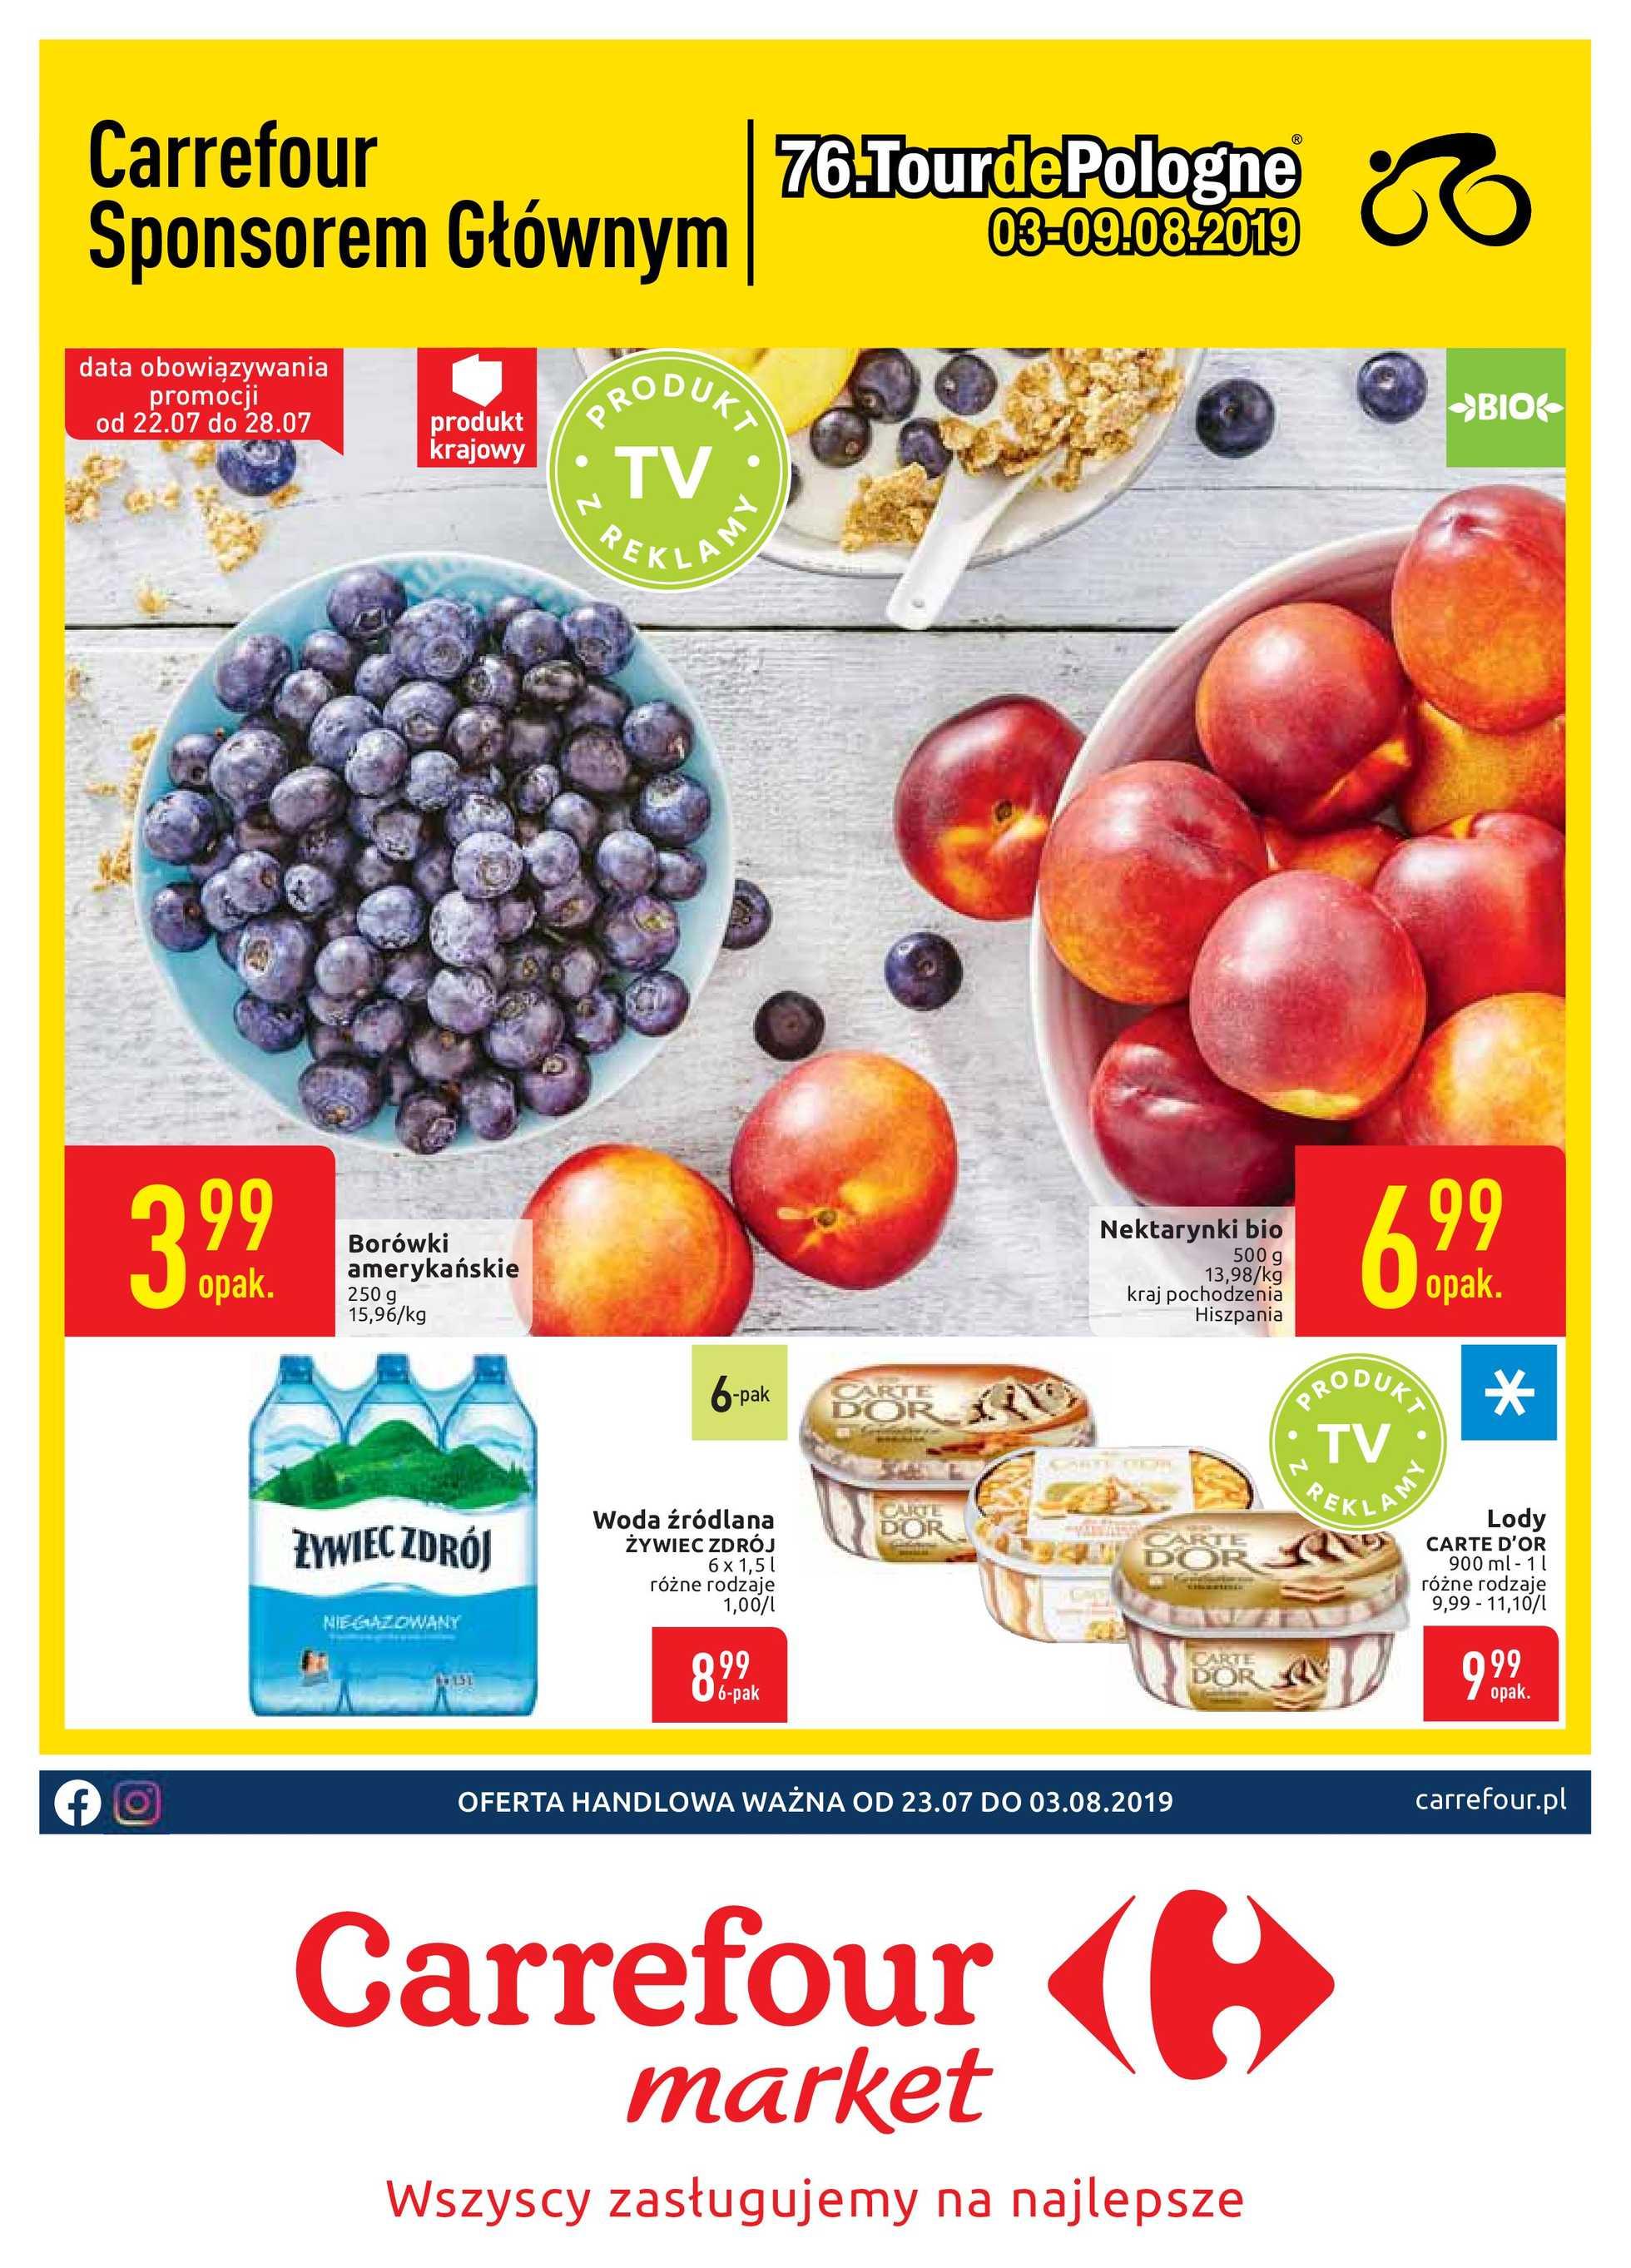 Carrefour Market Gazetka Promocyjna 23 07 2019 Gazetkowopl